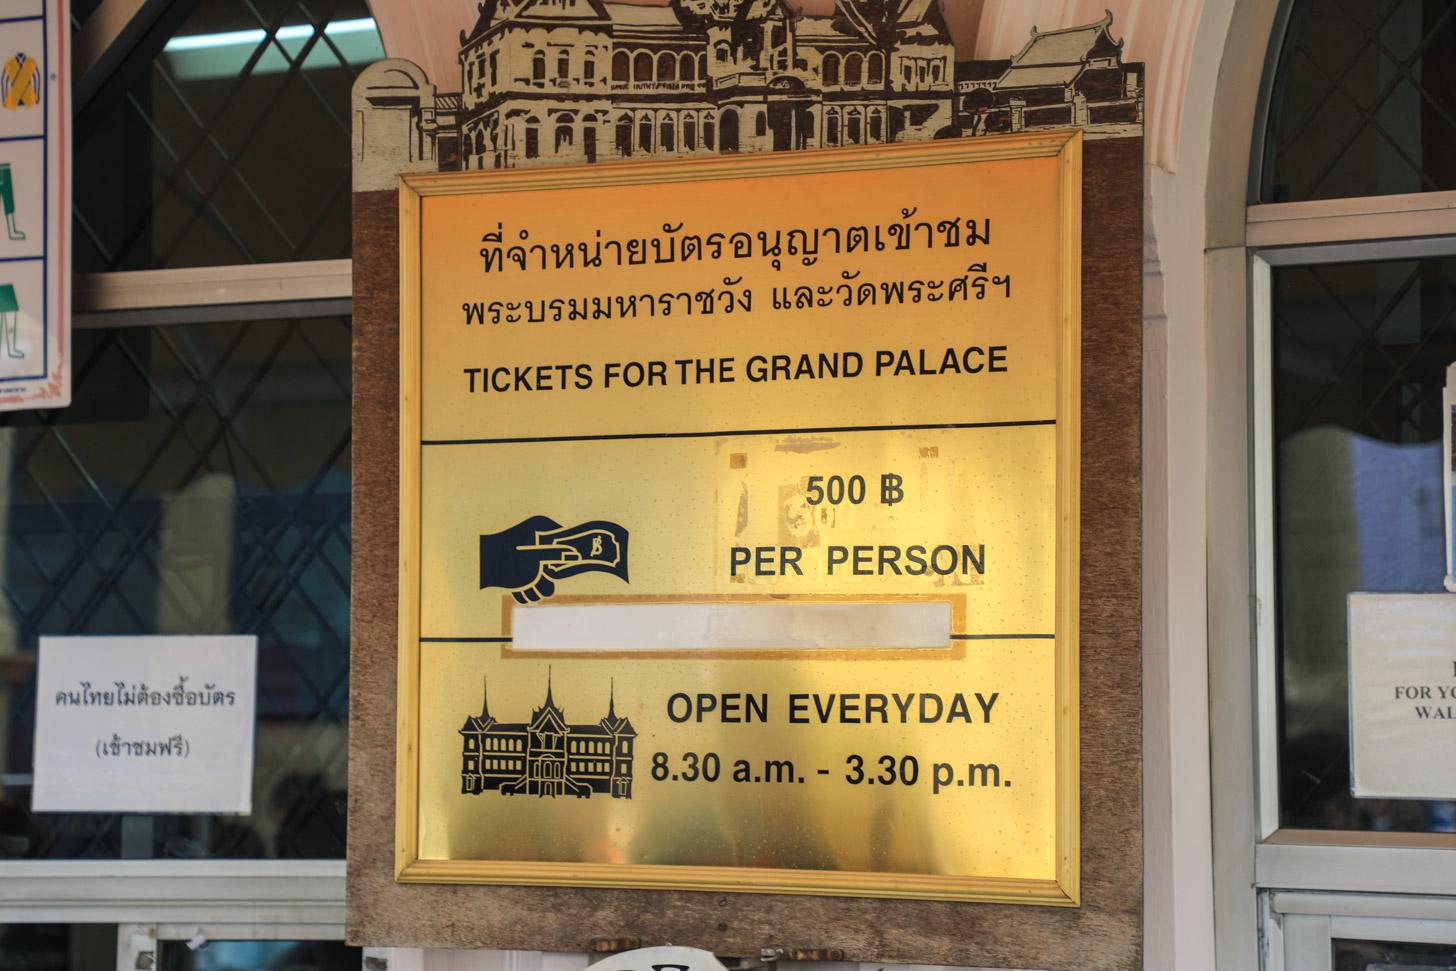 Het Grand Palace is gesloten